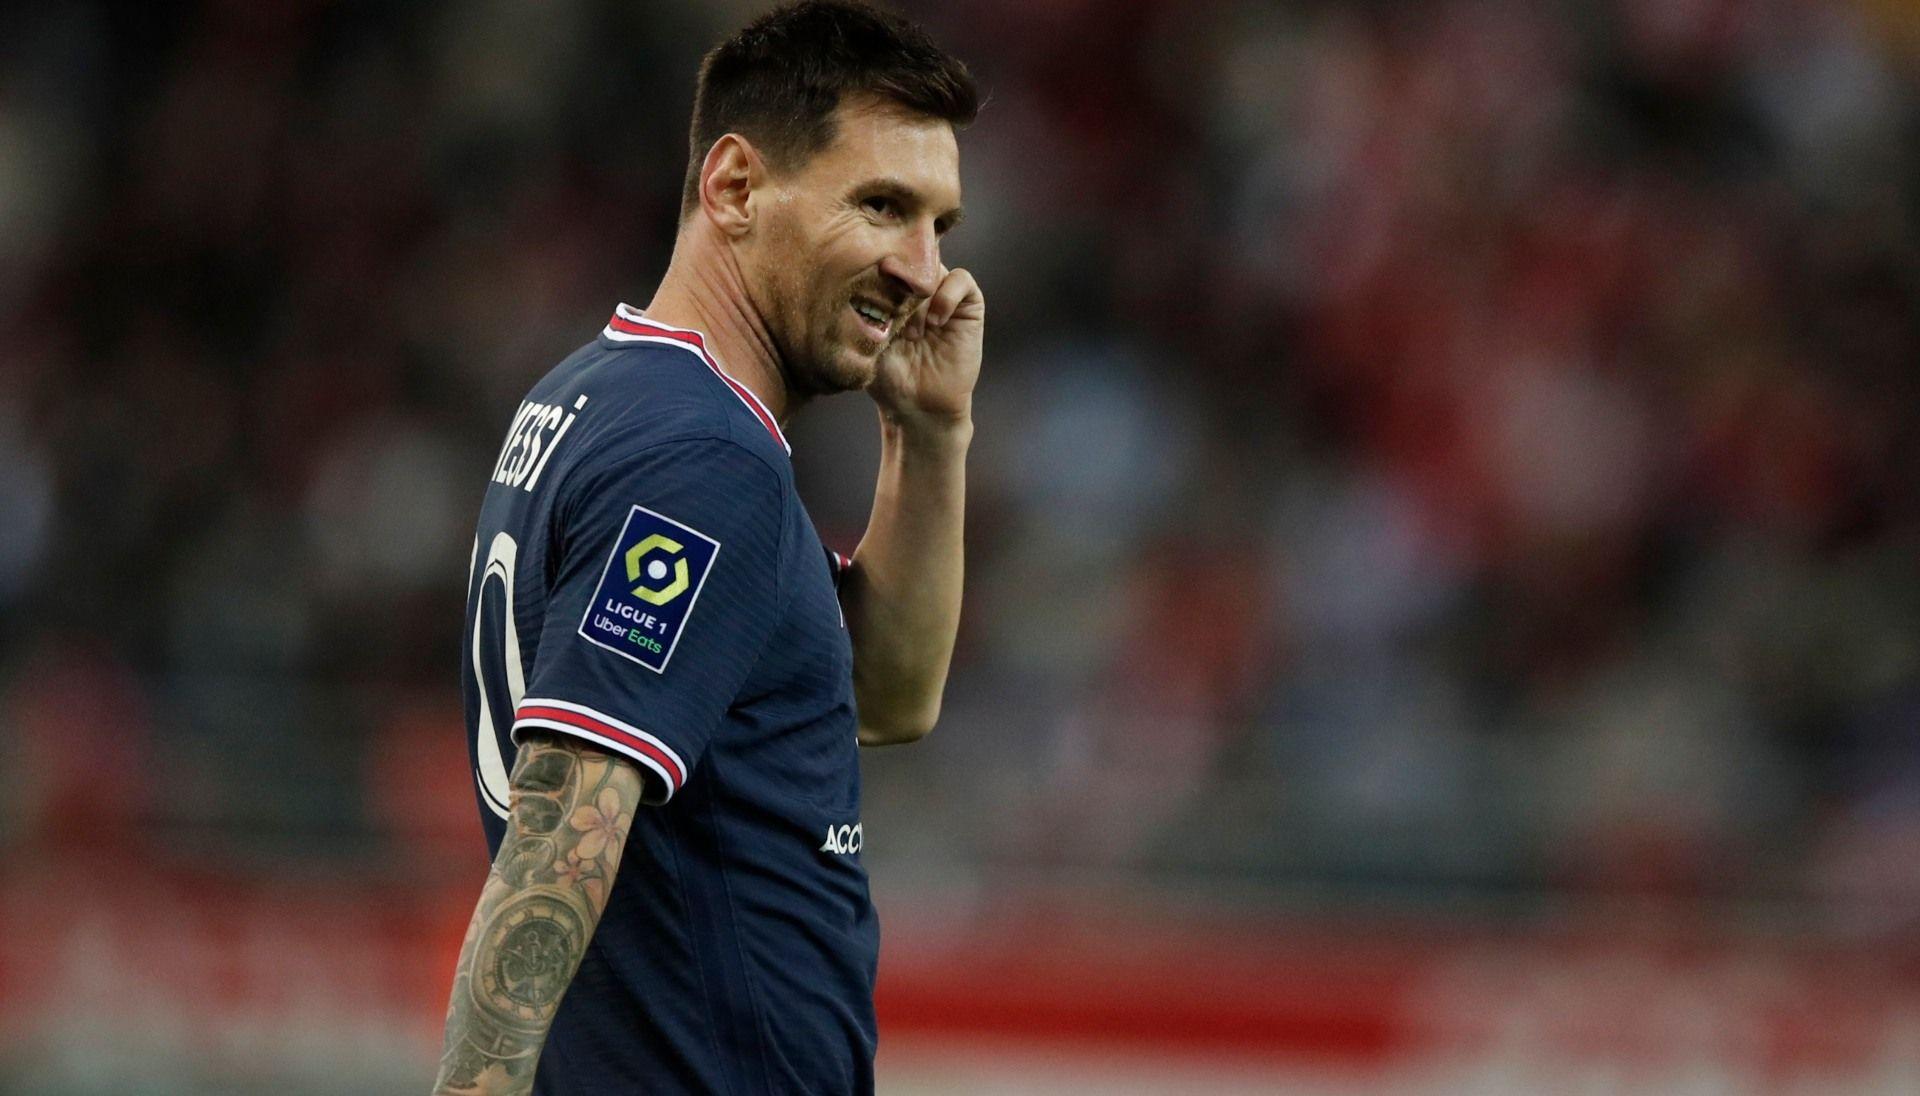 ليونيل ميسي في أول مباراة له مع فريقه الجديد باريس سان جيرمان. المصدر: رويترز